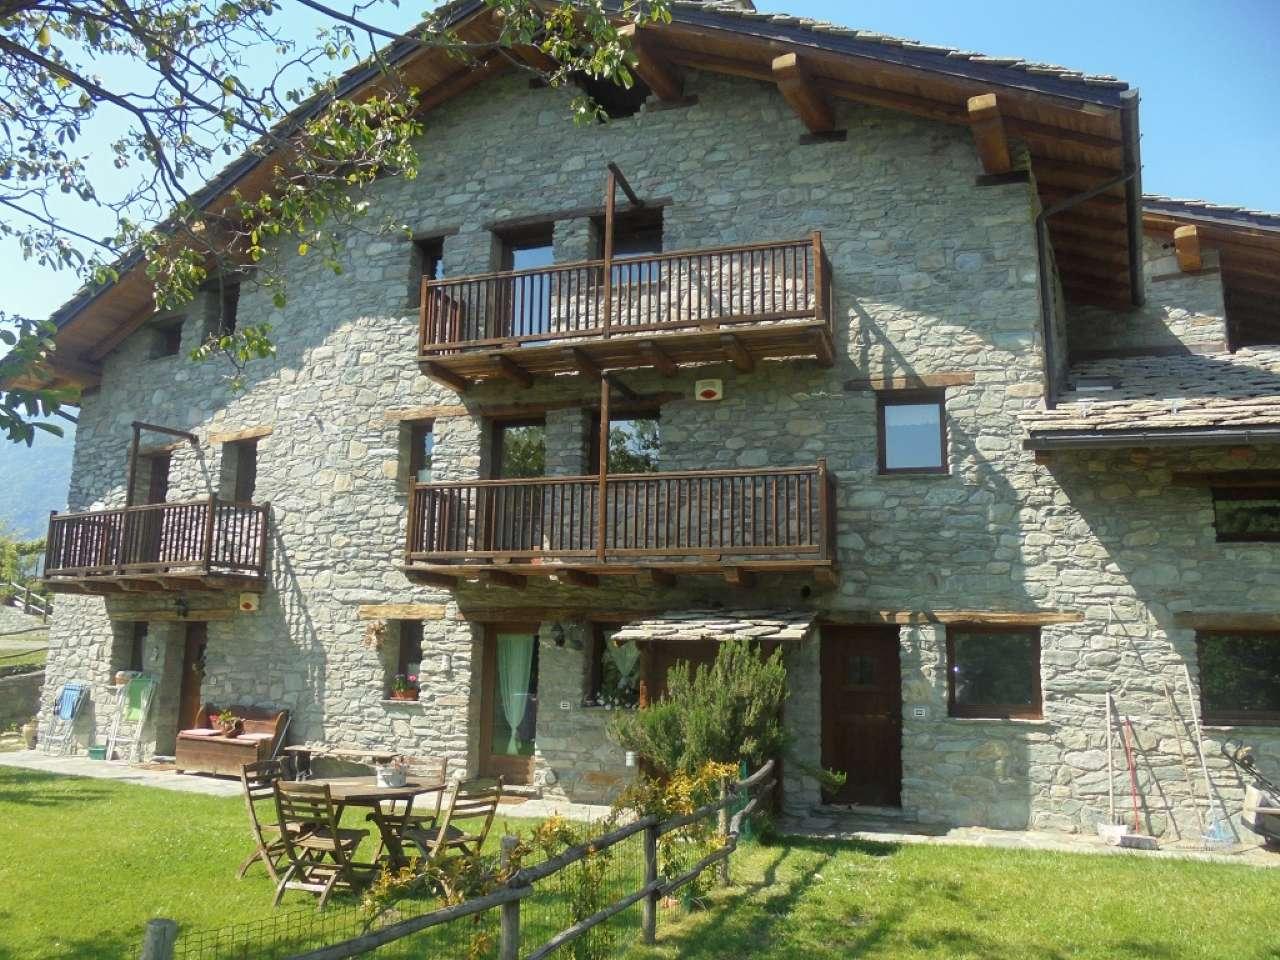 Appartamento in vendita a Saint-Vincent, 2 locali, prezzo € 110.000 | PortaleAgenzieImmobiliari.it